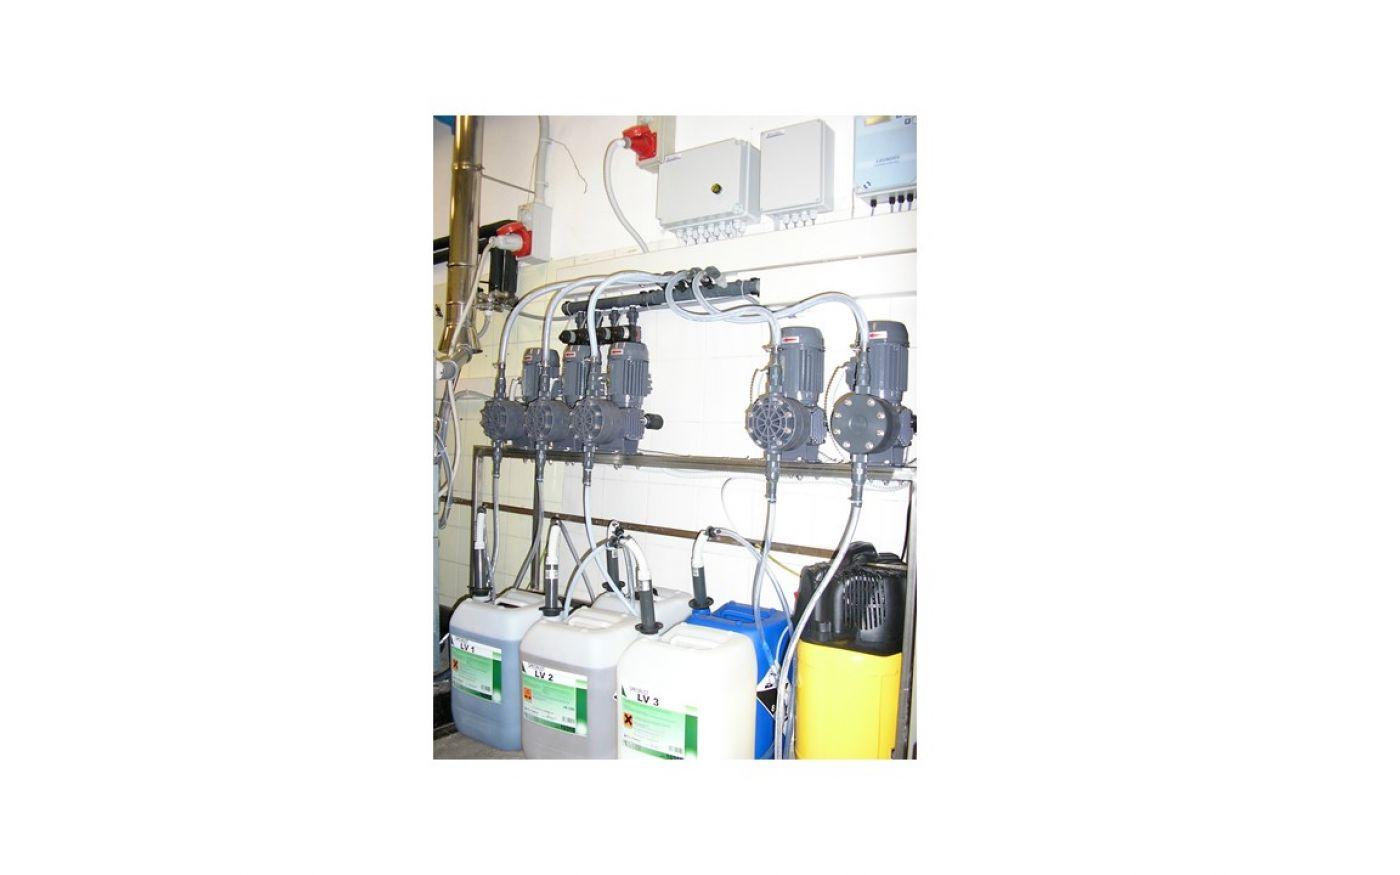 Impianto dosaggio multimacchina automatico lavanderia Specialist 130 l/h  - Lavanderia ospedale - Impianto dosaggio multimacchina automatico lavanderia Specialist 130 l/h  - Lavanderia ospedale